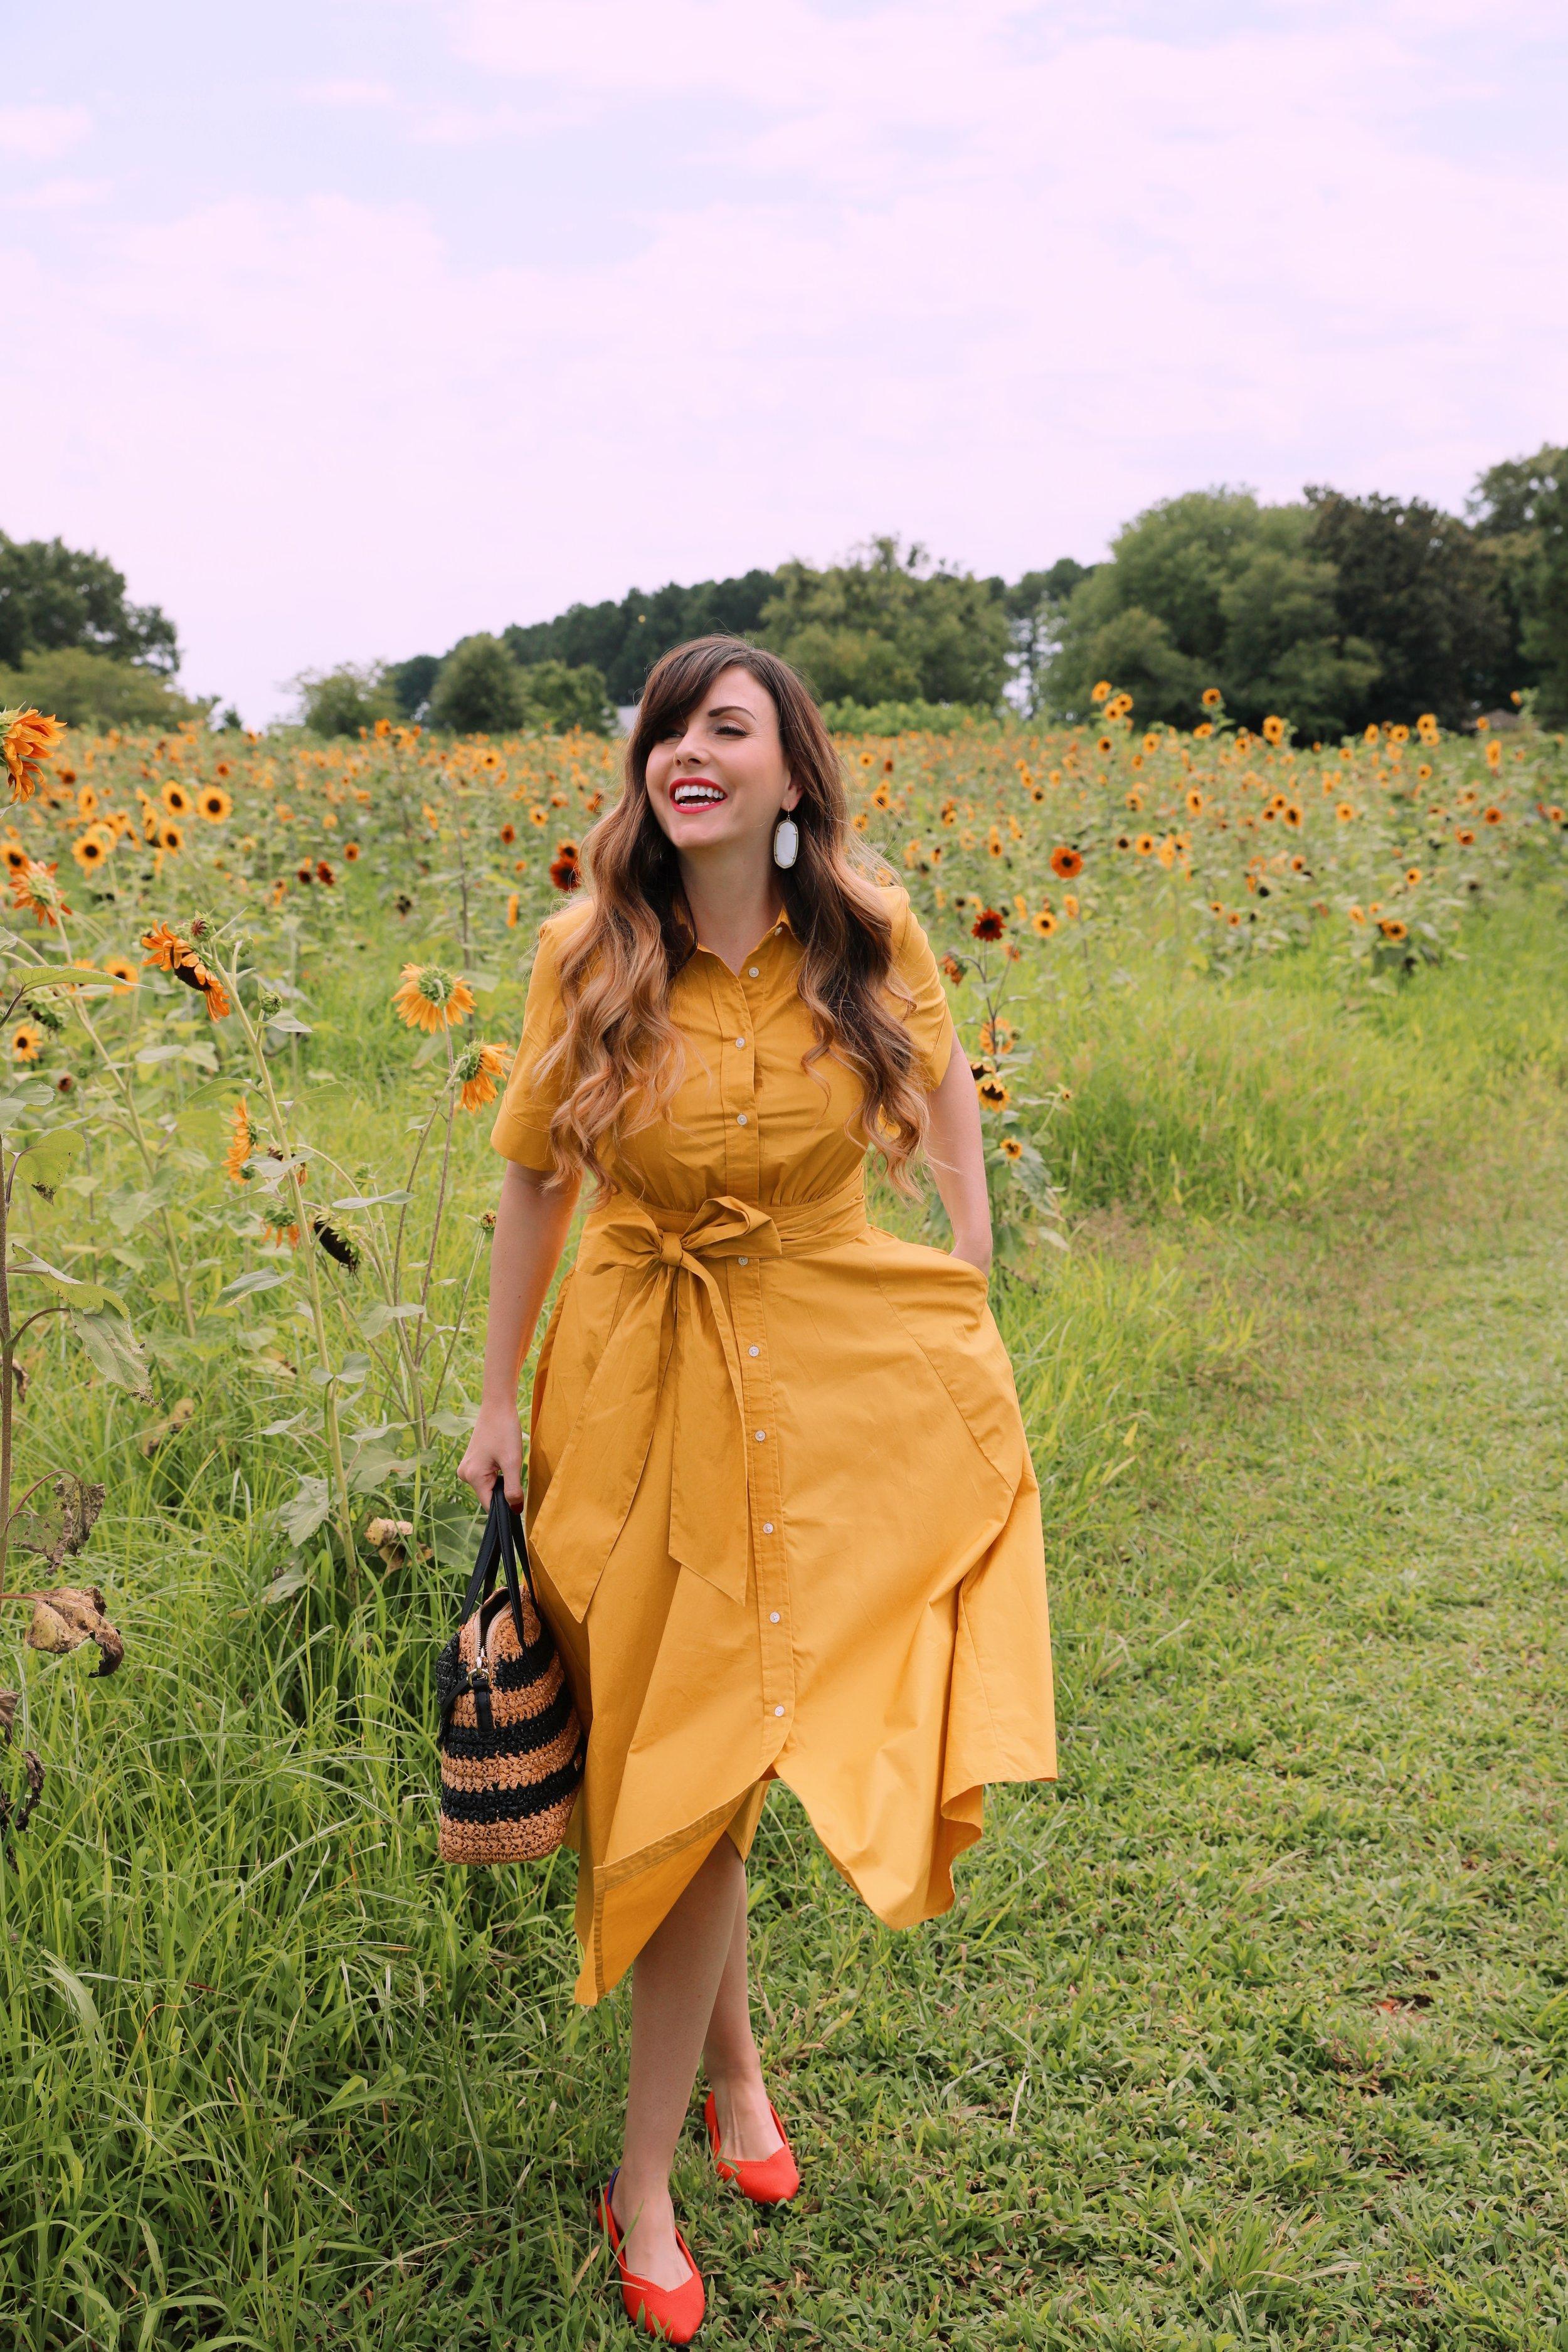 yellow shirt dress in sunflower field.JPG